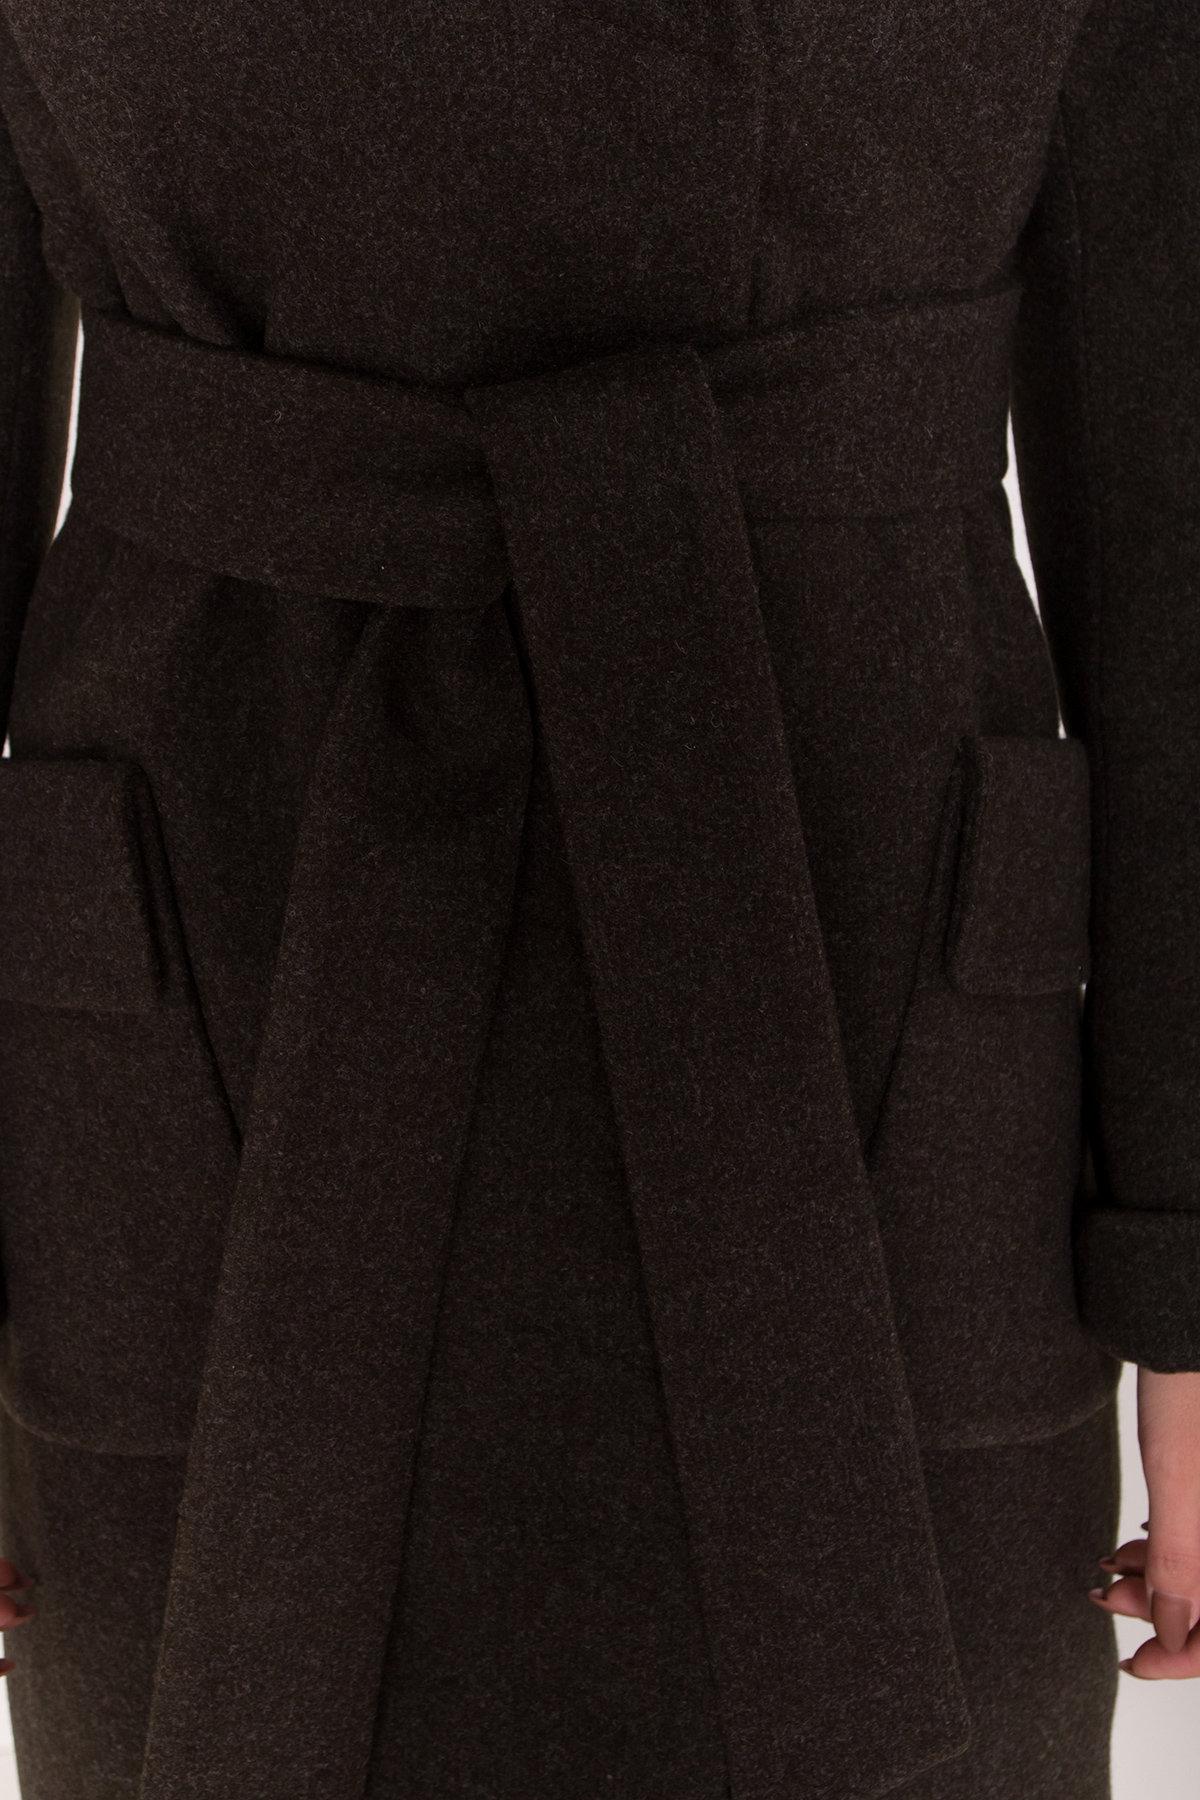 Женское пальто зима с накладными карманами Анджи 8299 АРТ. 44424 Цвет: Хаки - фото 6, интернет магазин tm-modus.ru